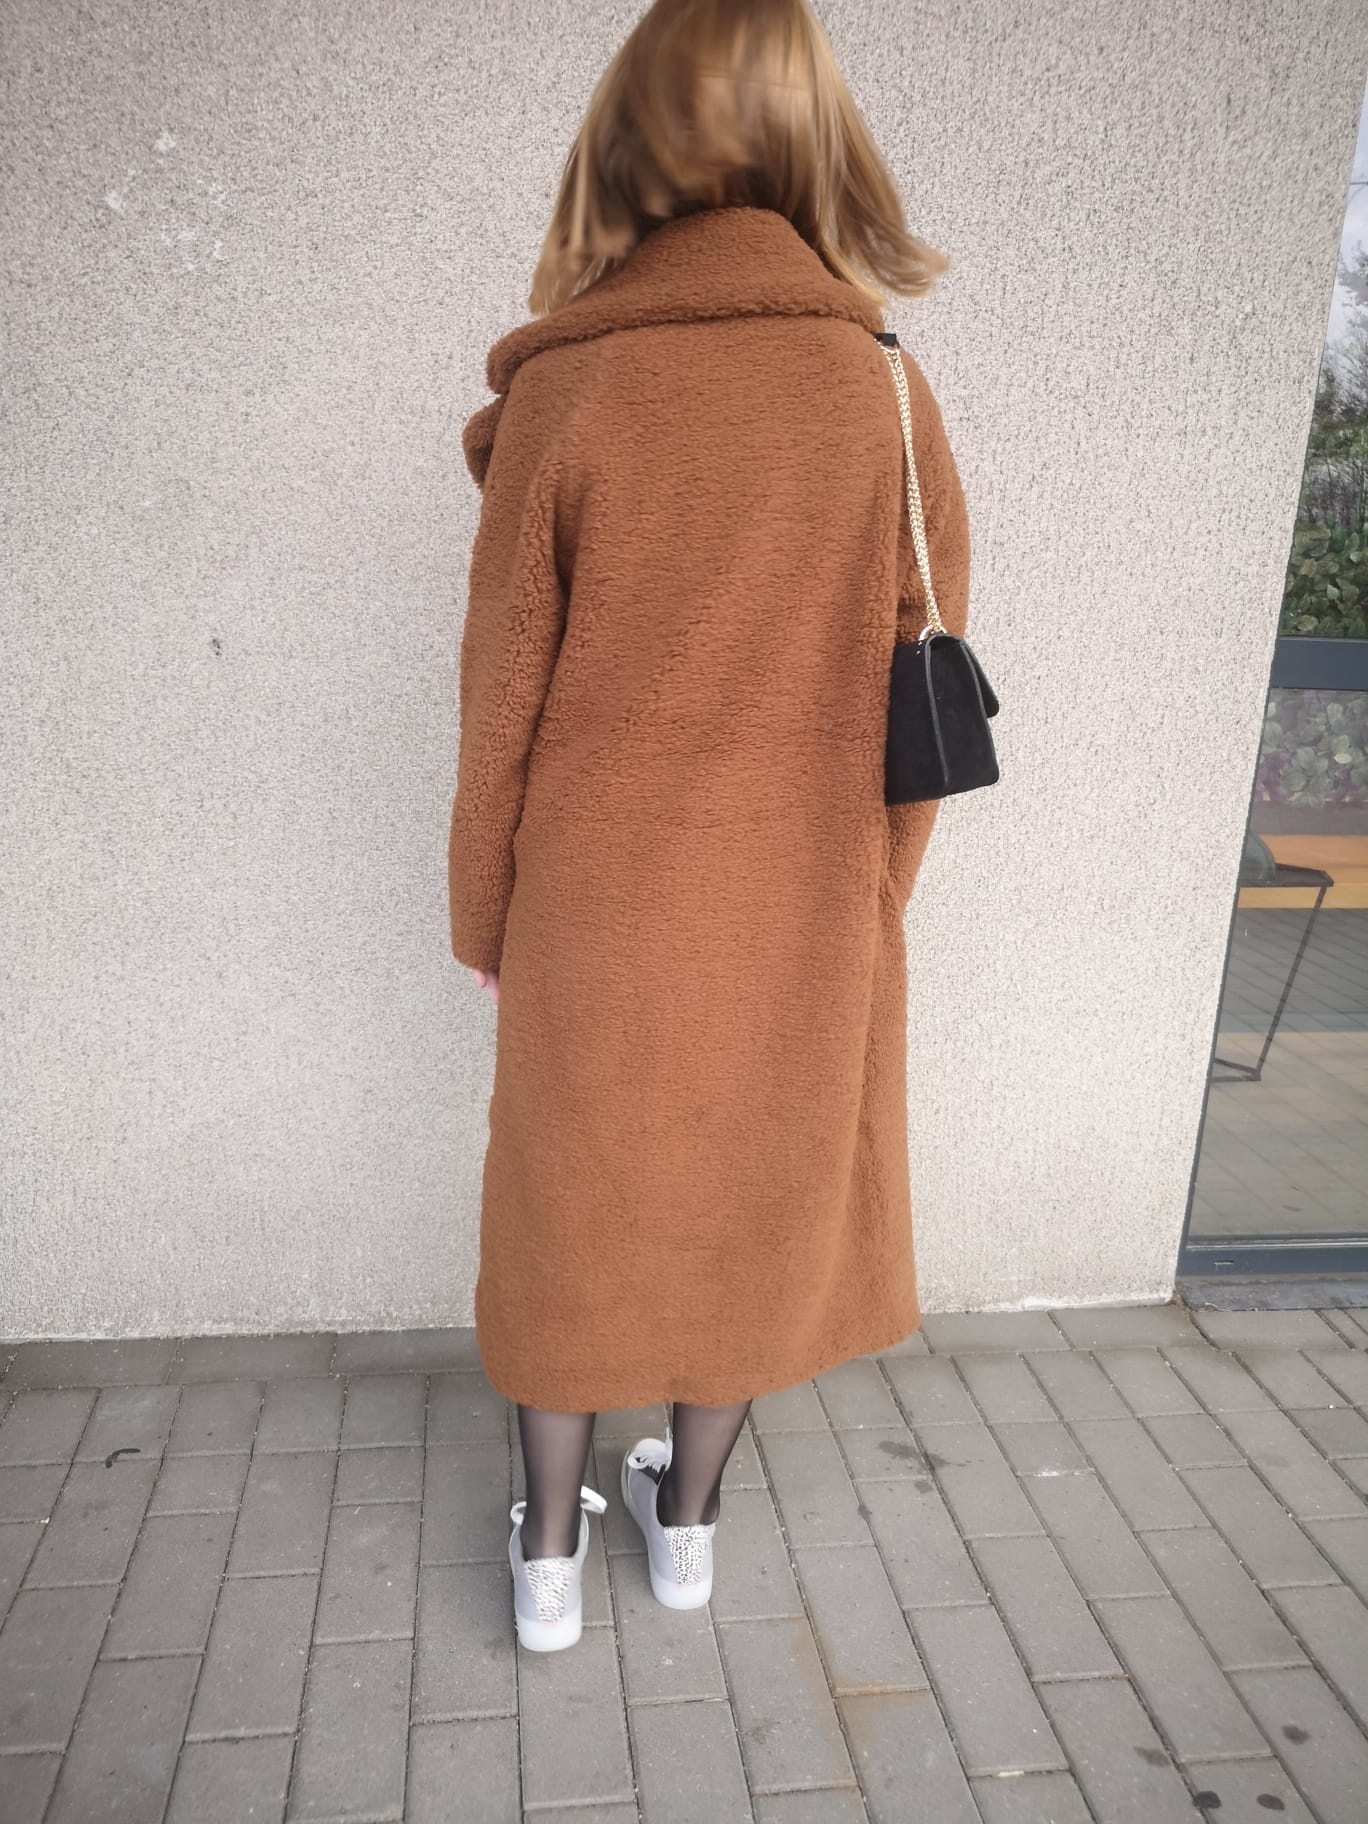 PEPITES manteau ivan-8